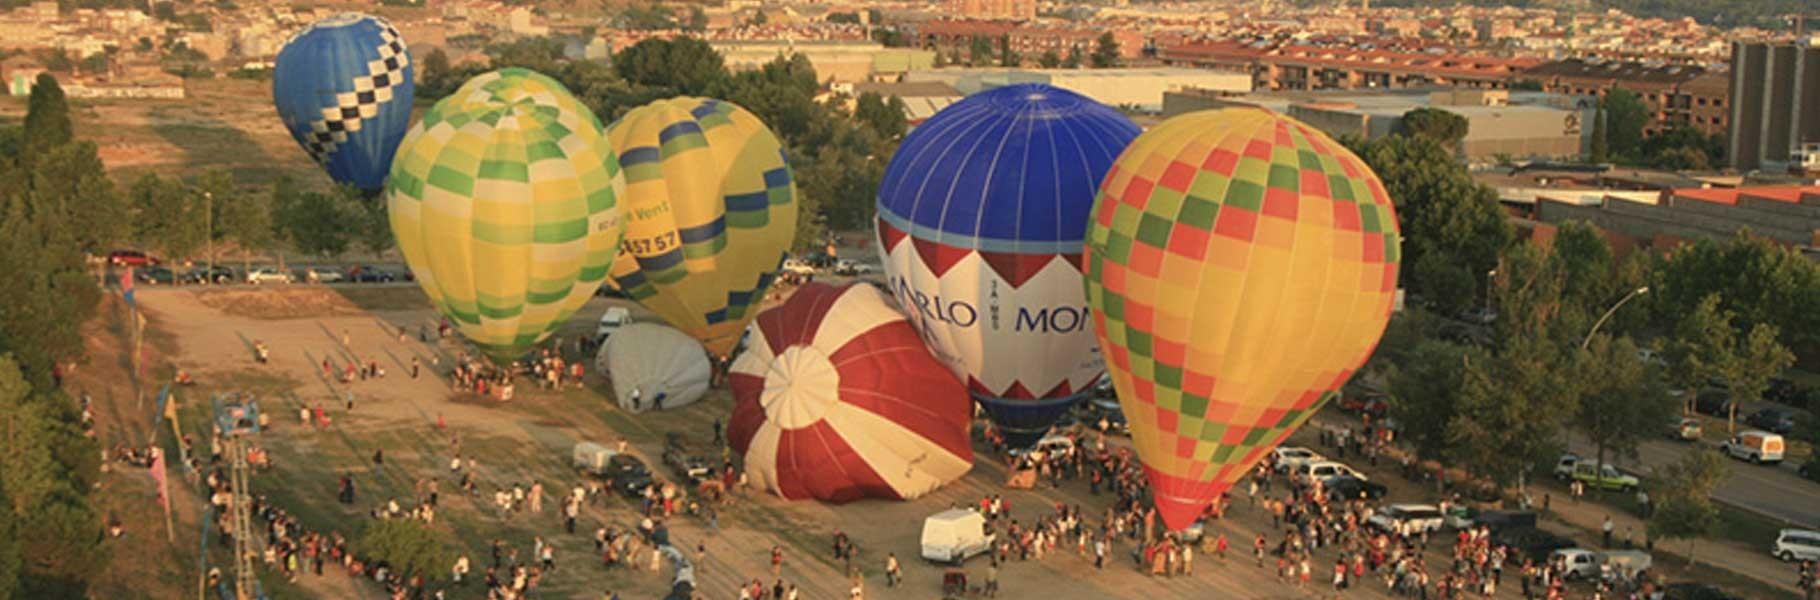 Special European Balloon Festival